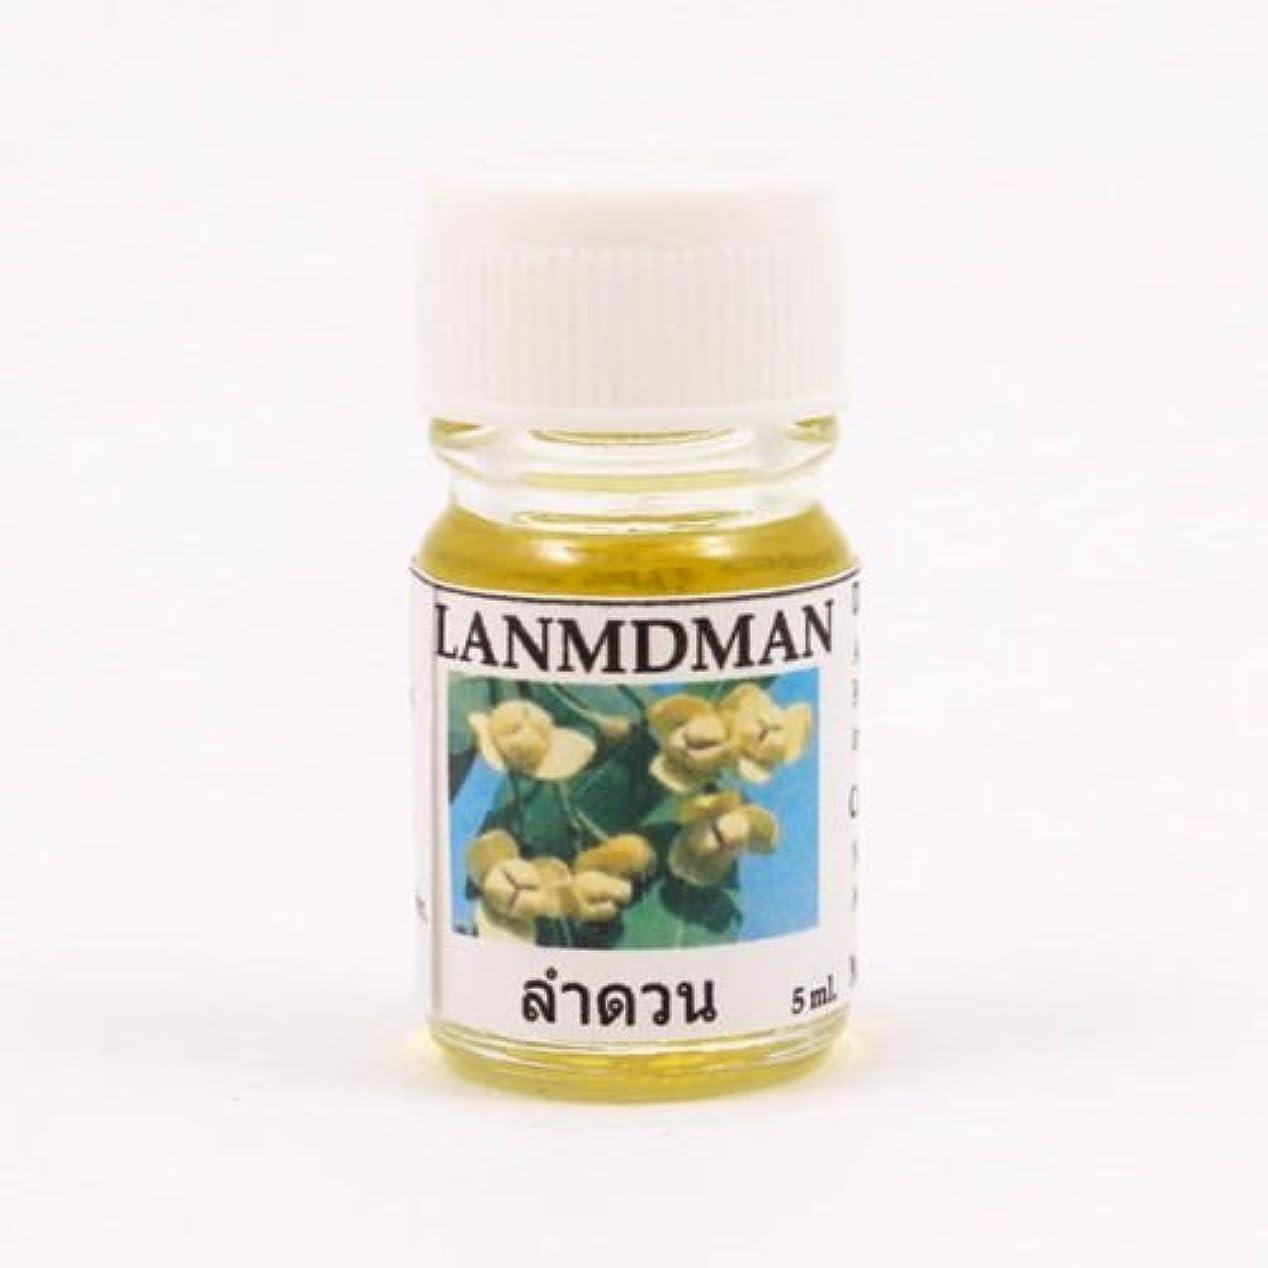 とティーム依存いらいらさせる6X Lanmdman Aroma Fragrance Essential Oil 5ML. cc Diffuser Burner Therapy